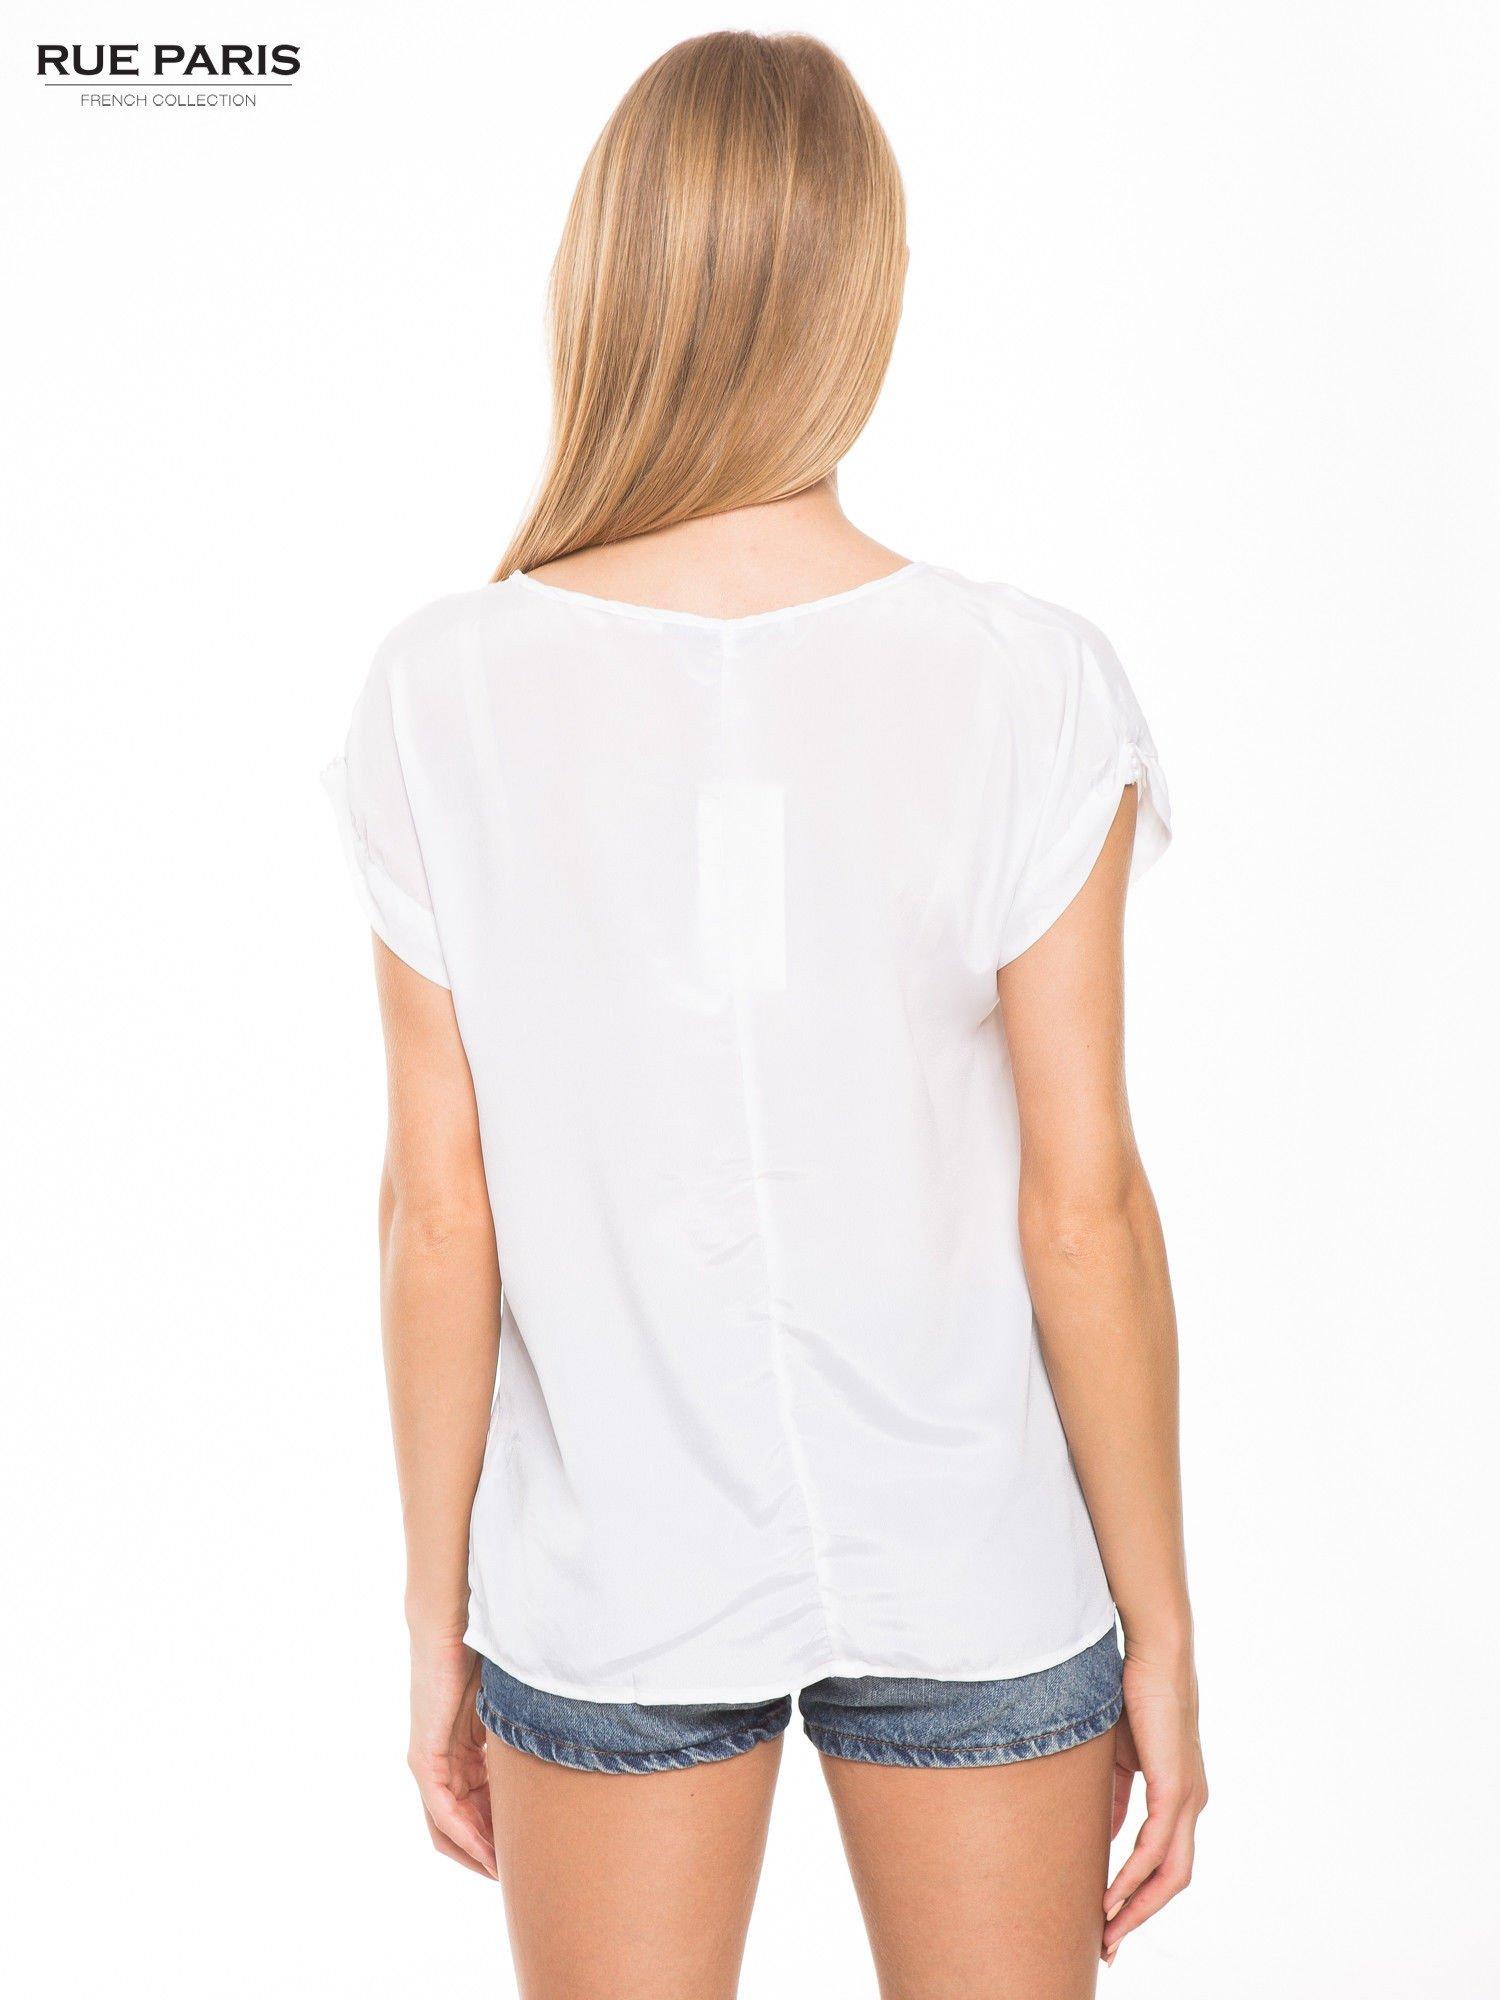 Biała zwiewna koszula z kieszonką obszytą perłami                                  zdj.                                  4